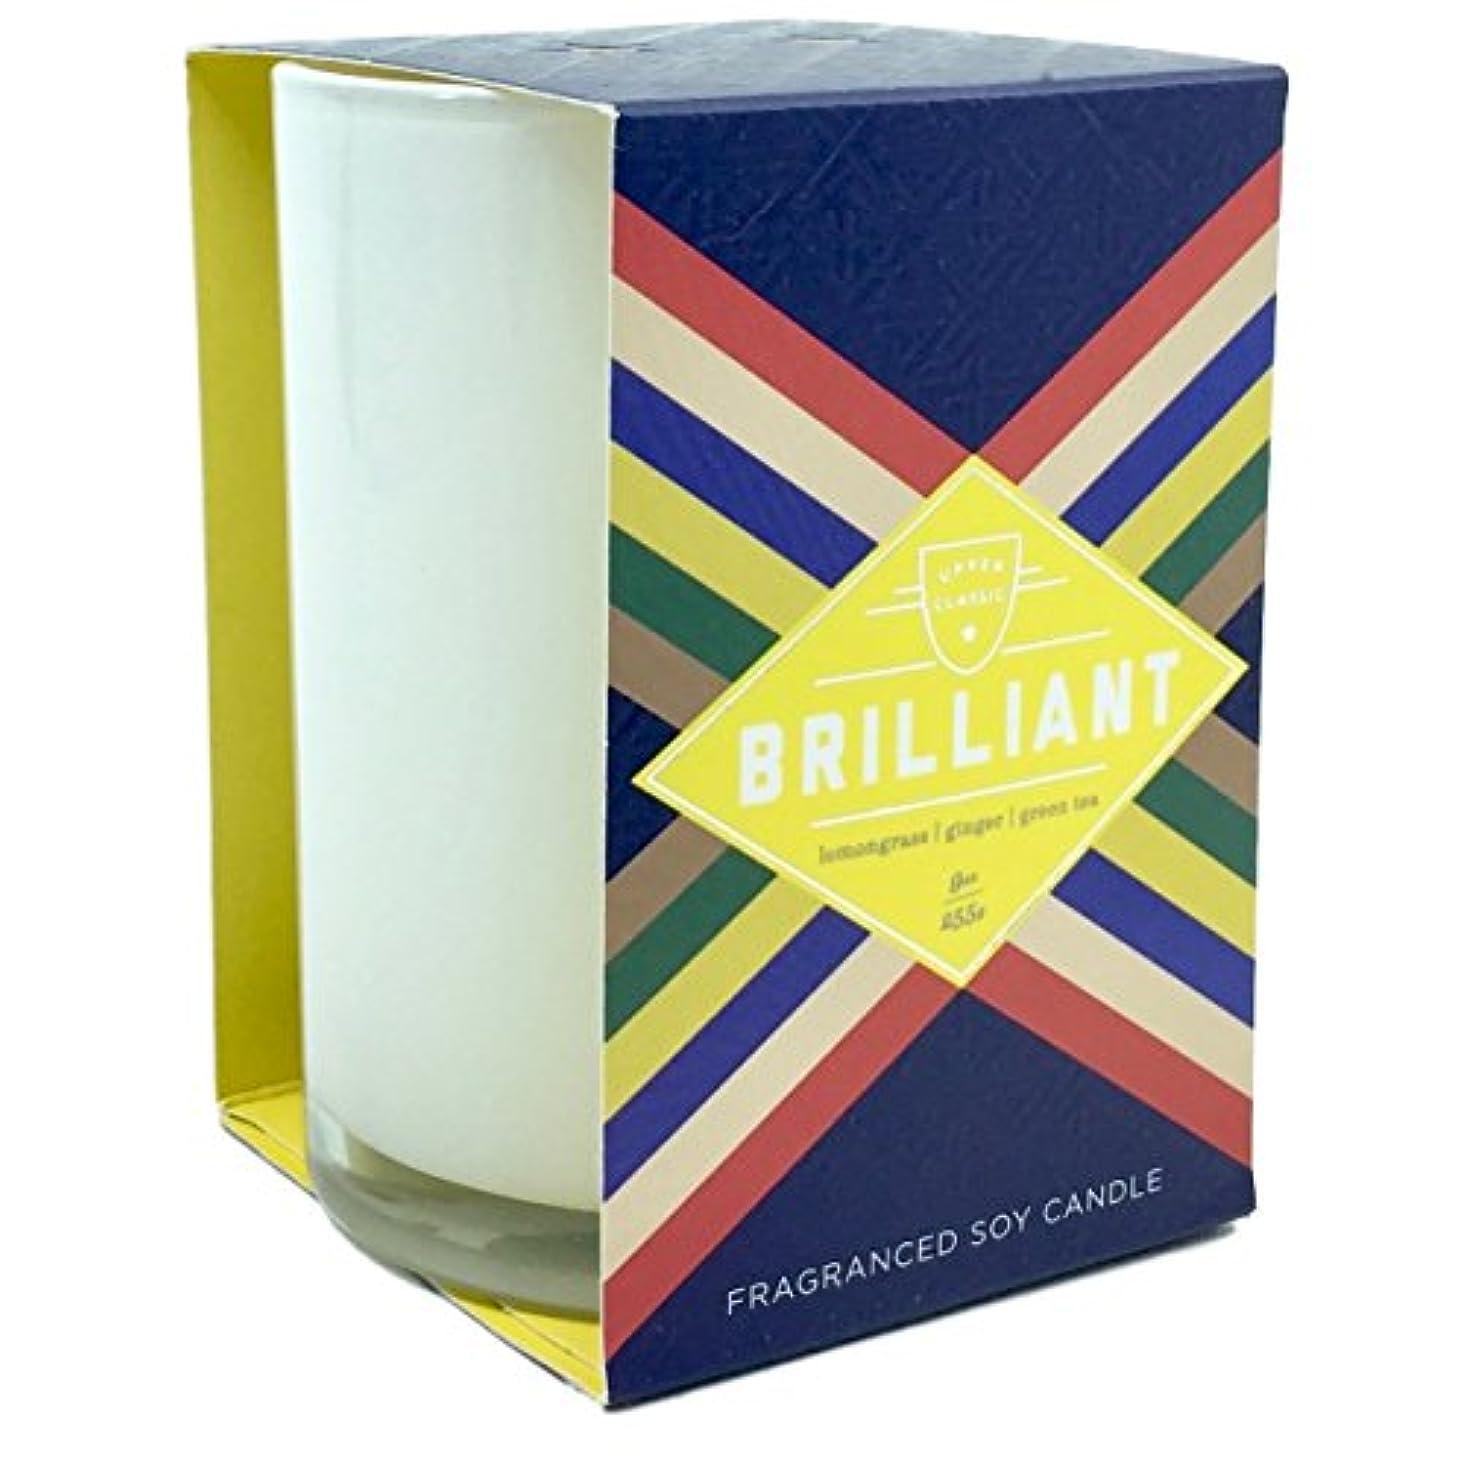 本変換新鮮なUpperクラシックBrilliant Lemongrass GingerグリーンティーScented Candle